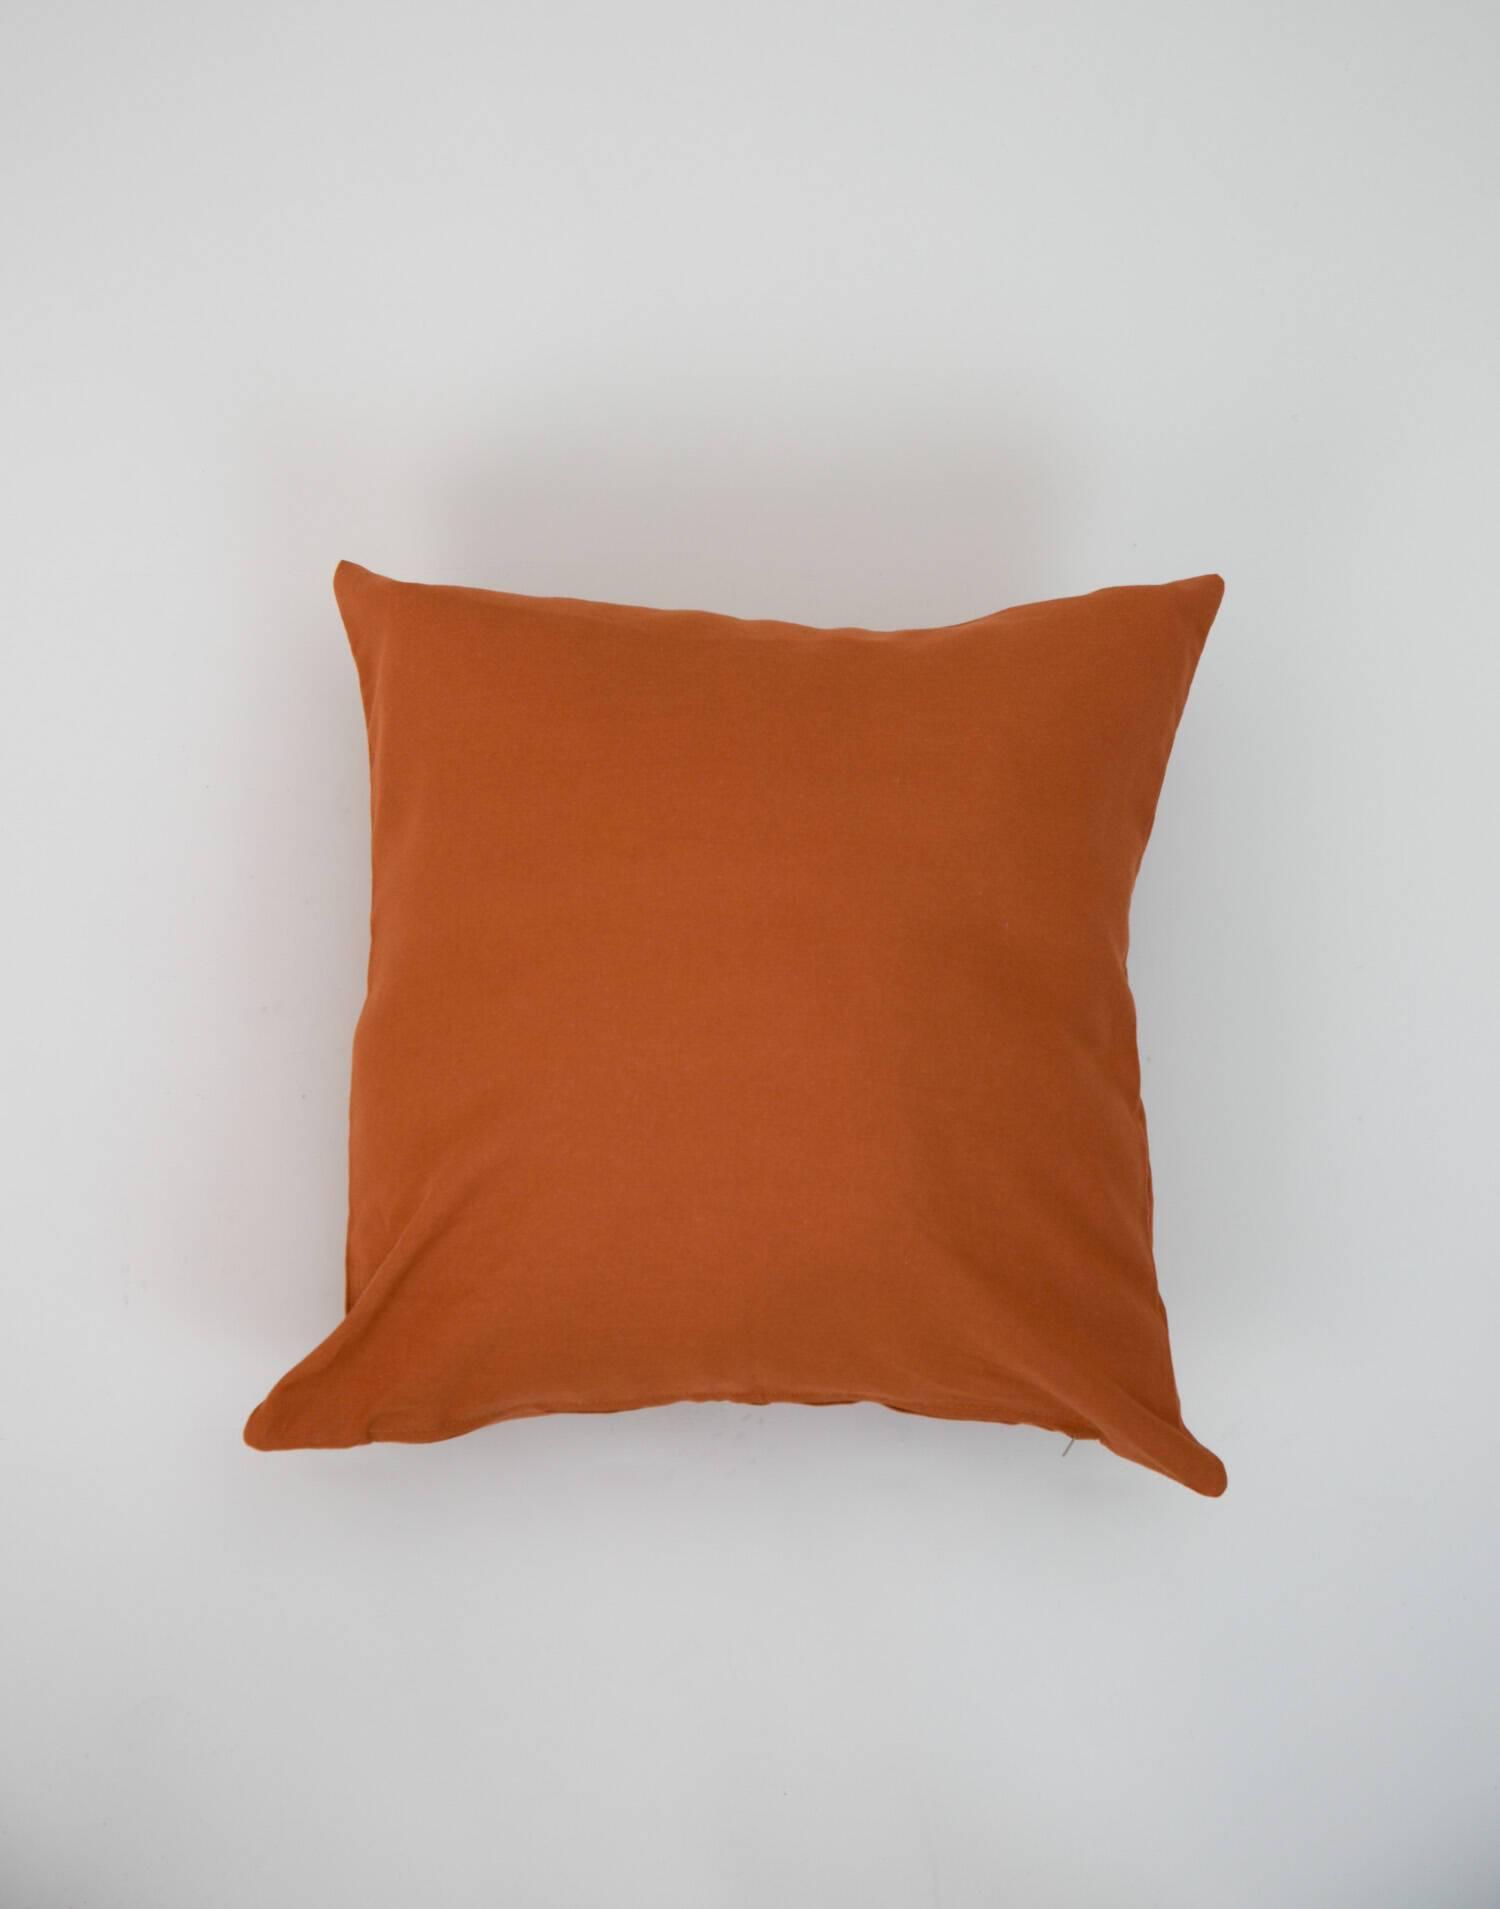 Panama cushion 45*45